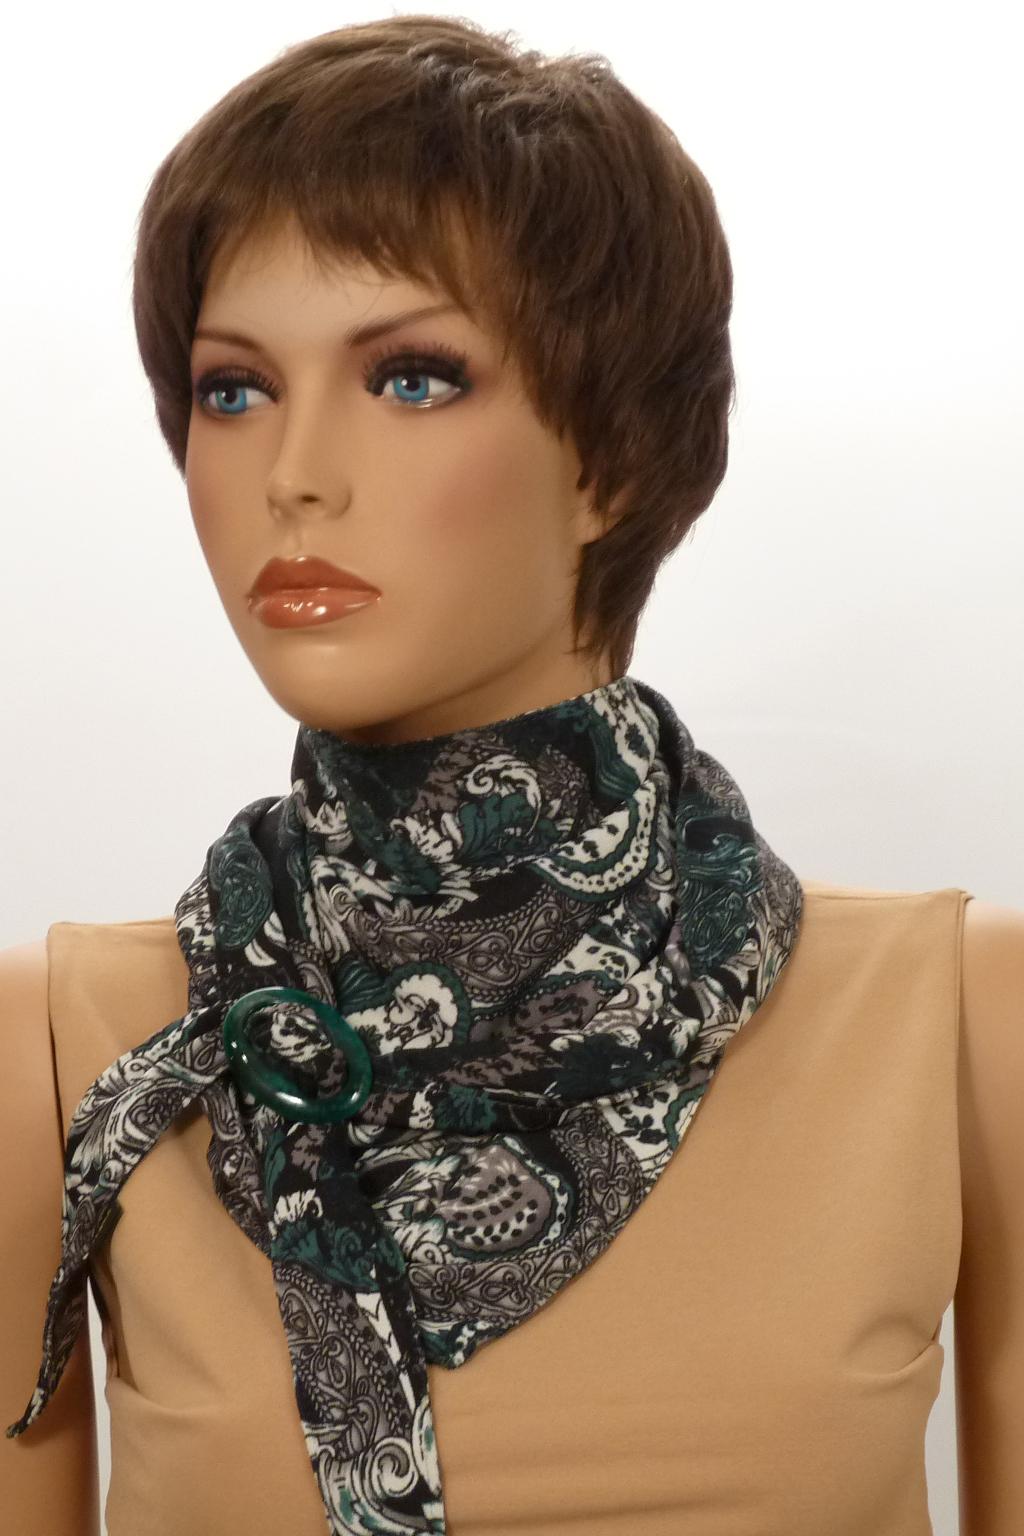 Шарф-бактусШарфы<br>Бактус – это оригинальный шарф, в виде  треугольника. Он является настоящей находкой для любителей стильных и многофункциональных аксессуаров. Бактусы с удовольствием носят женщины и мужчины, не равнодушны к ним и дети. Треугольный шарф гармонично вписывается как в классические, так и спортивные комплекты одежды.   Однозначно, бактус-практичный и универсальный аксессуар, он прикроет шею от прохладных ветерков весной, а летом защитит кожу от прямых солнечных лучей. Шарф без аксессуара.  Размер 35*150 см.  В изделии использованы цвета: серый, зеленый и др.<br><br>По сезону: Всесезон<br>Размер : UNI<br>Материал: Трикотаж<br>Количество в наличии: 2